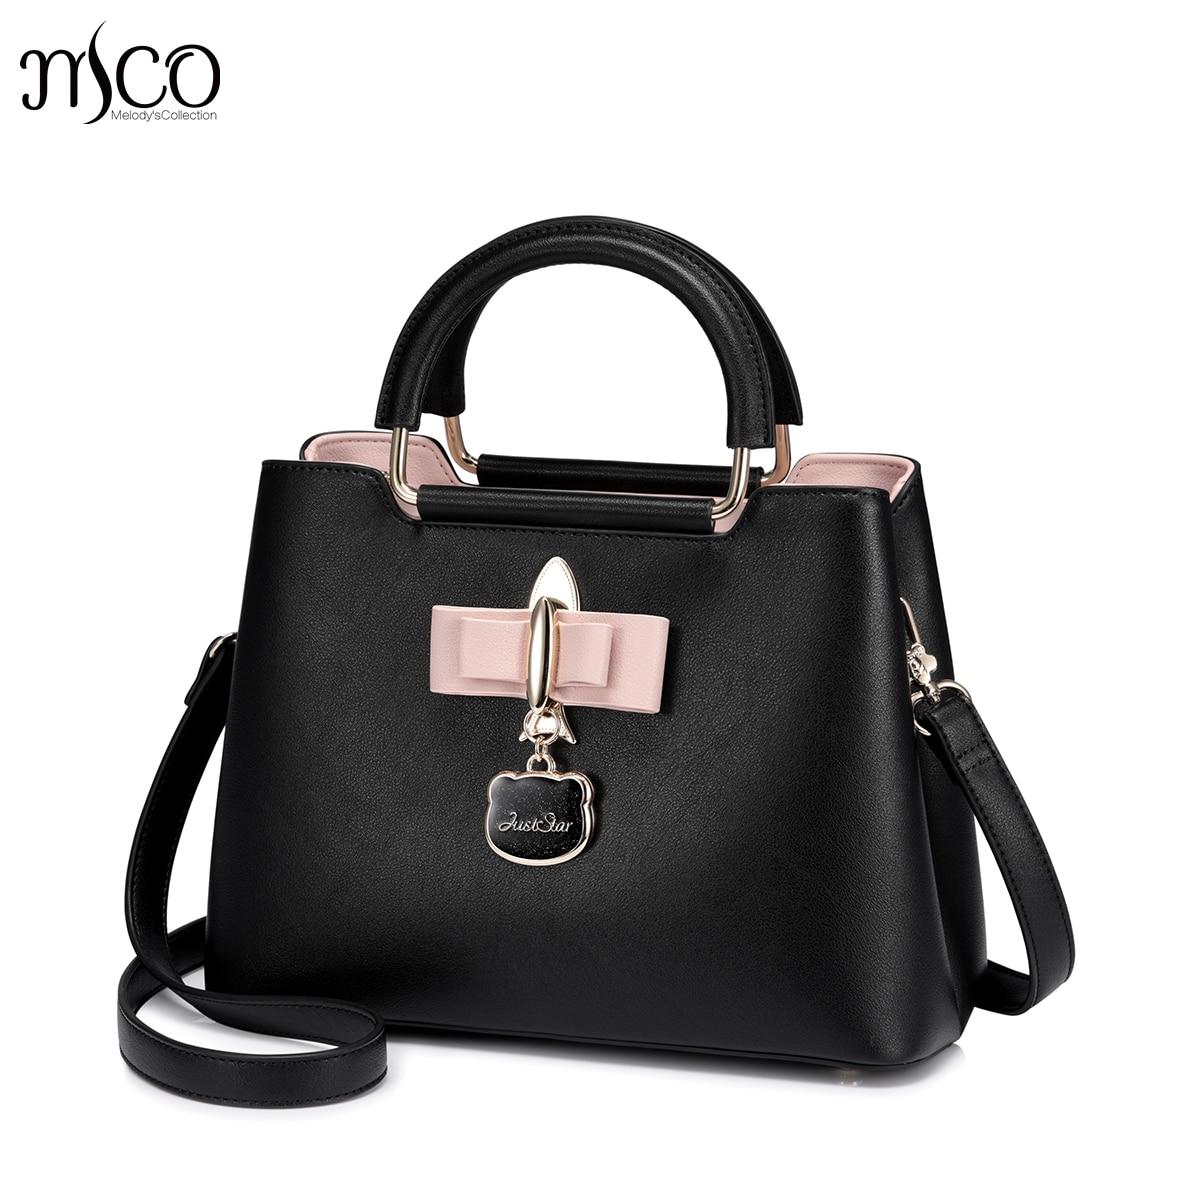 Bagaj ve Çantalar'ten Omuz Çantaları'de Sadece yıldız tasarımcı marka lüks Pembe Yay çanta kadın omuz çantaları ana kesesi femme debriyaj crossbody bir çanta bolsas feminina'da  Grup 1